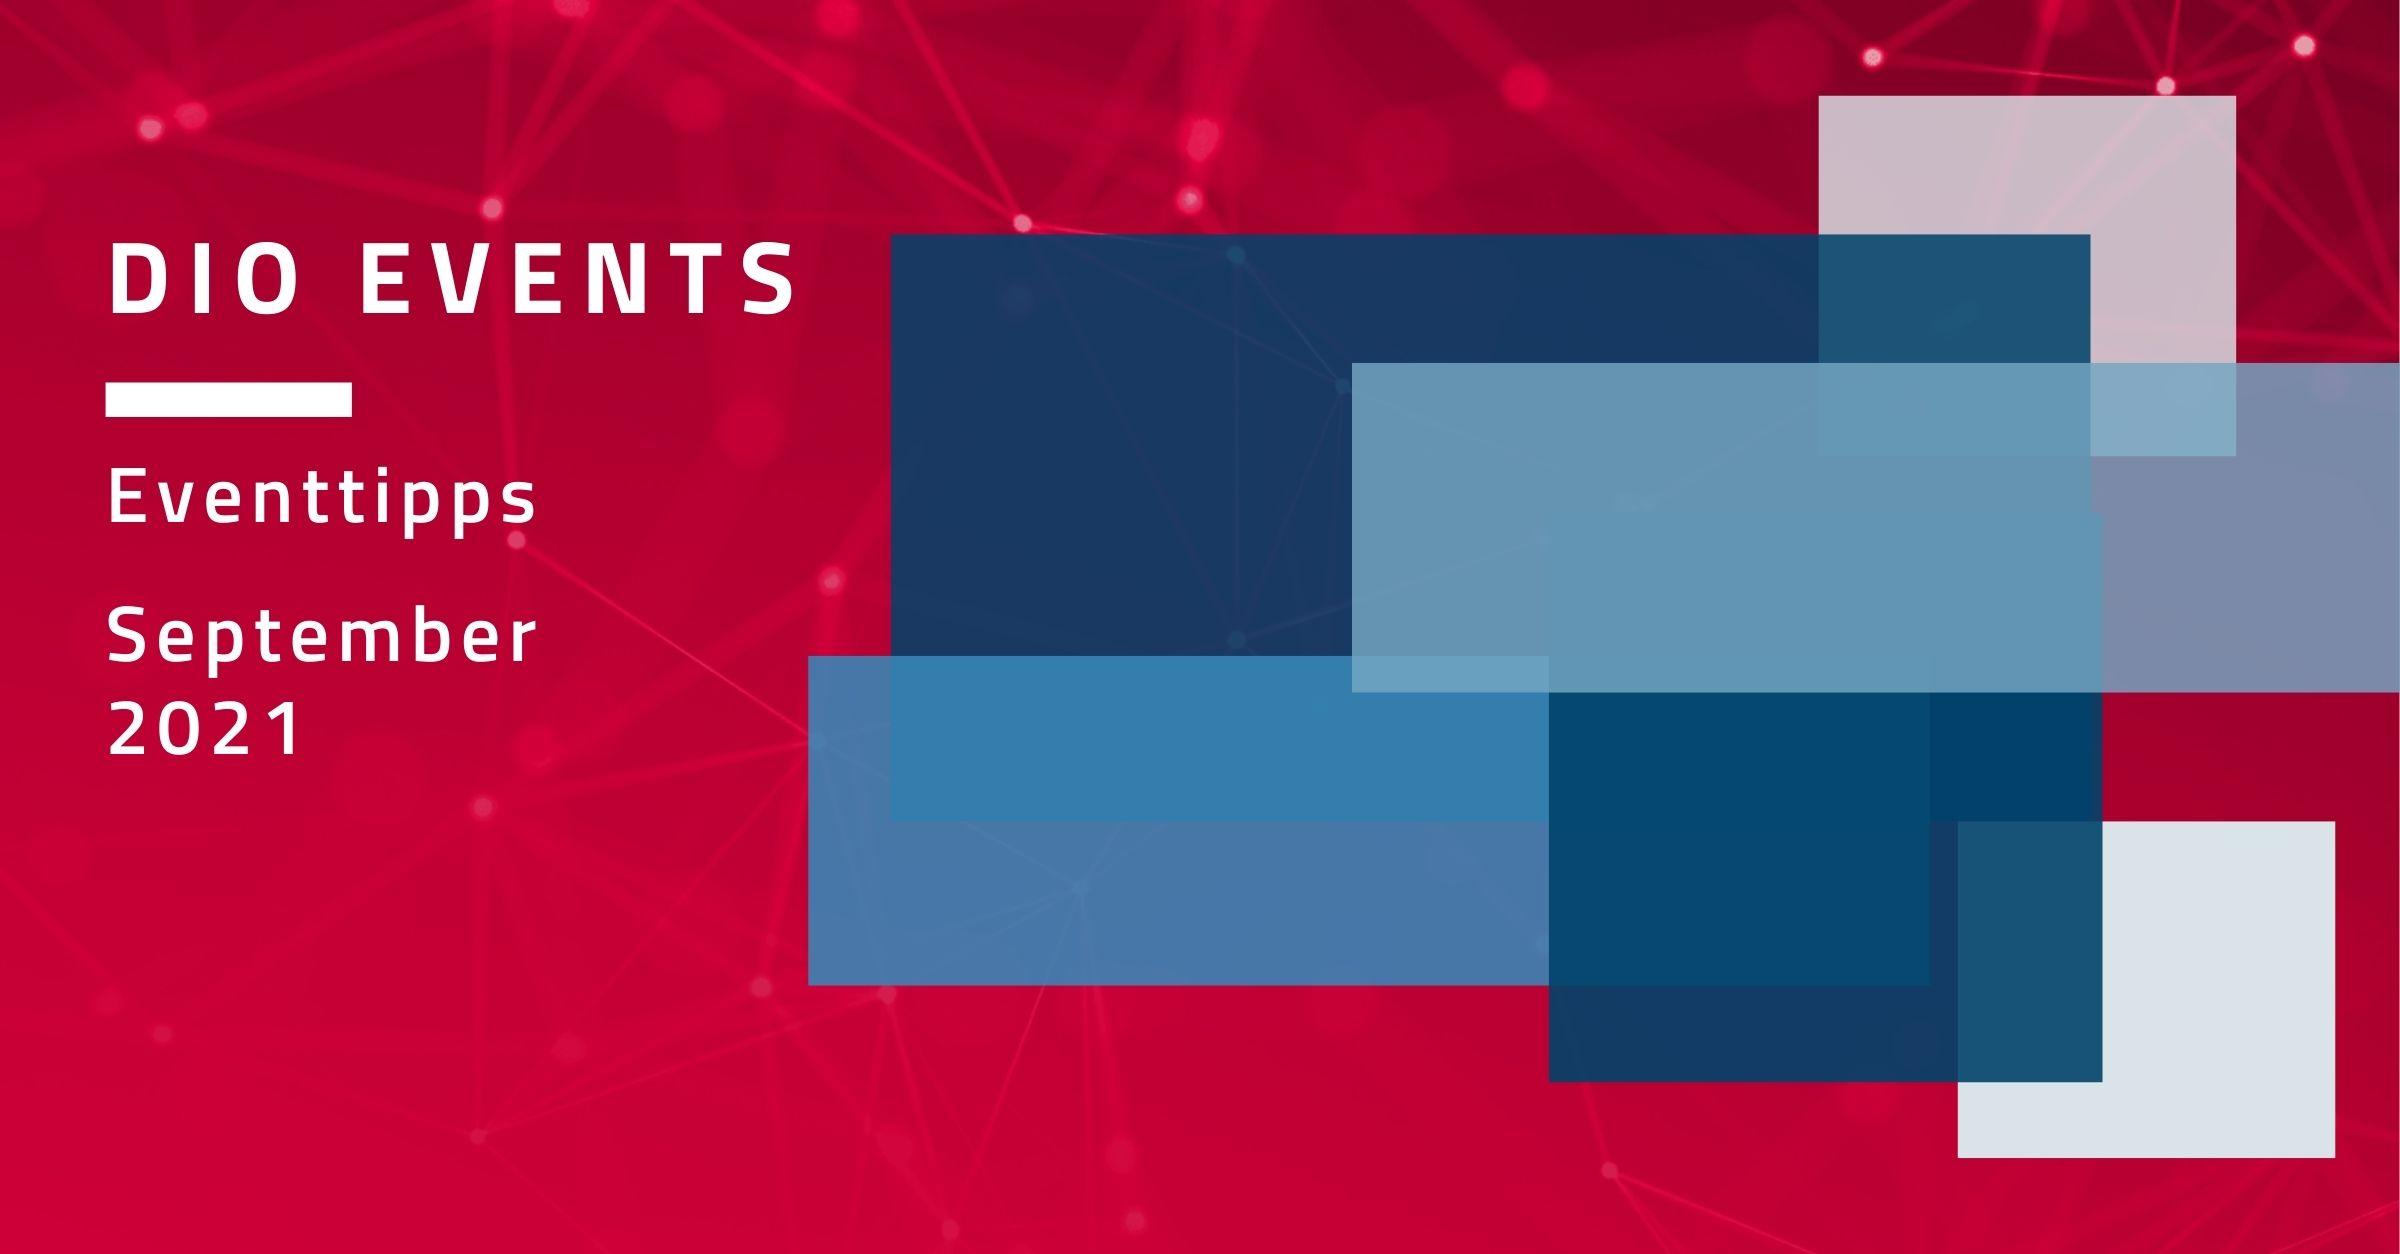 Eventtipps September 2021